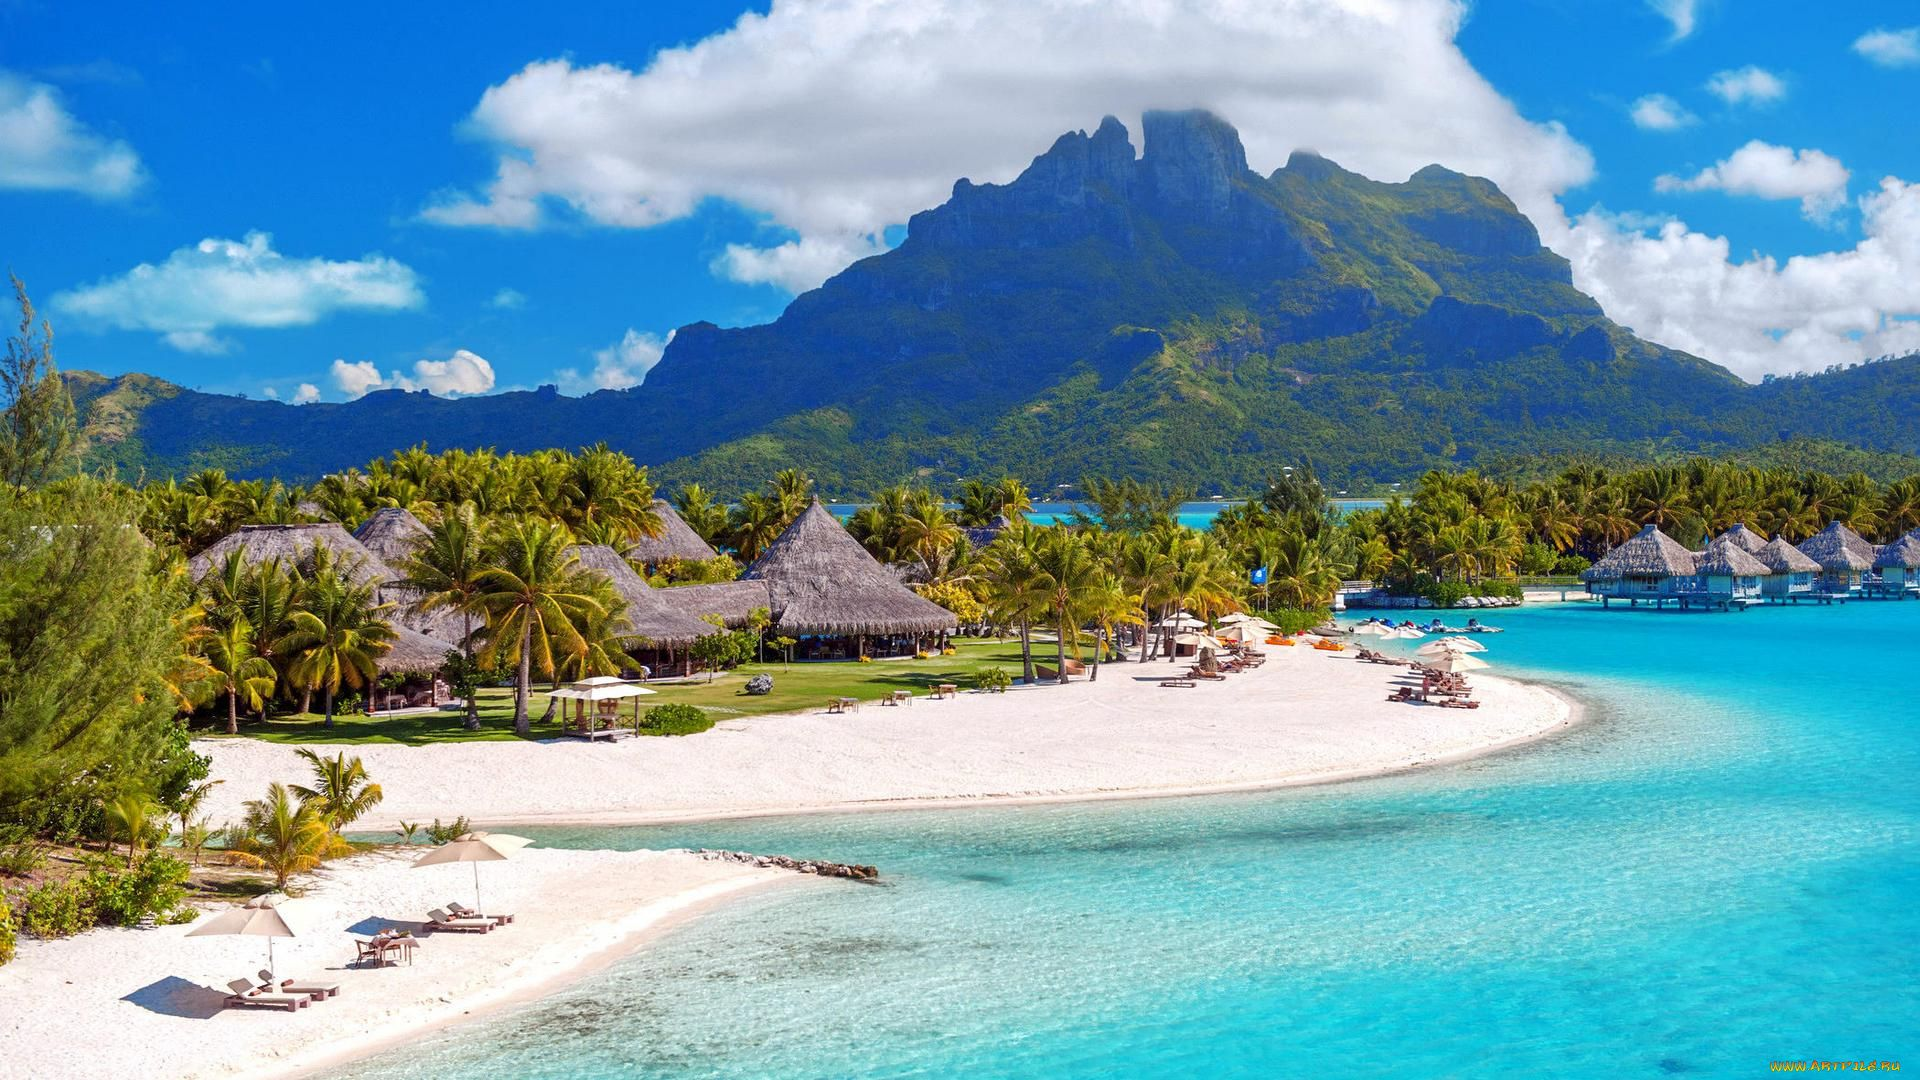 Bora Bora picture wallpaper